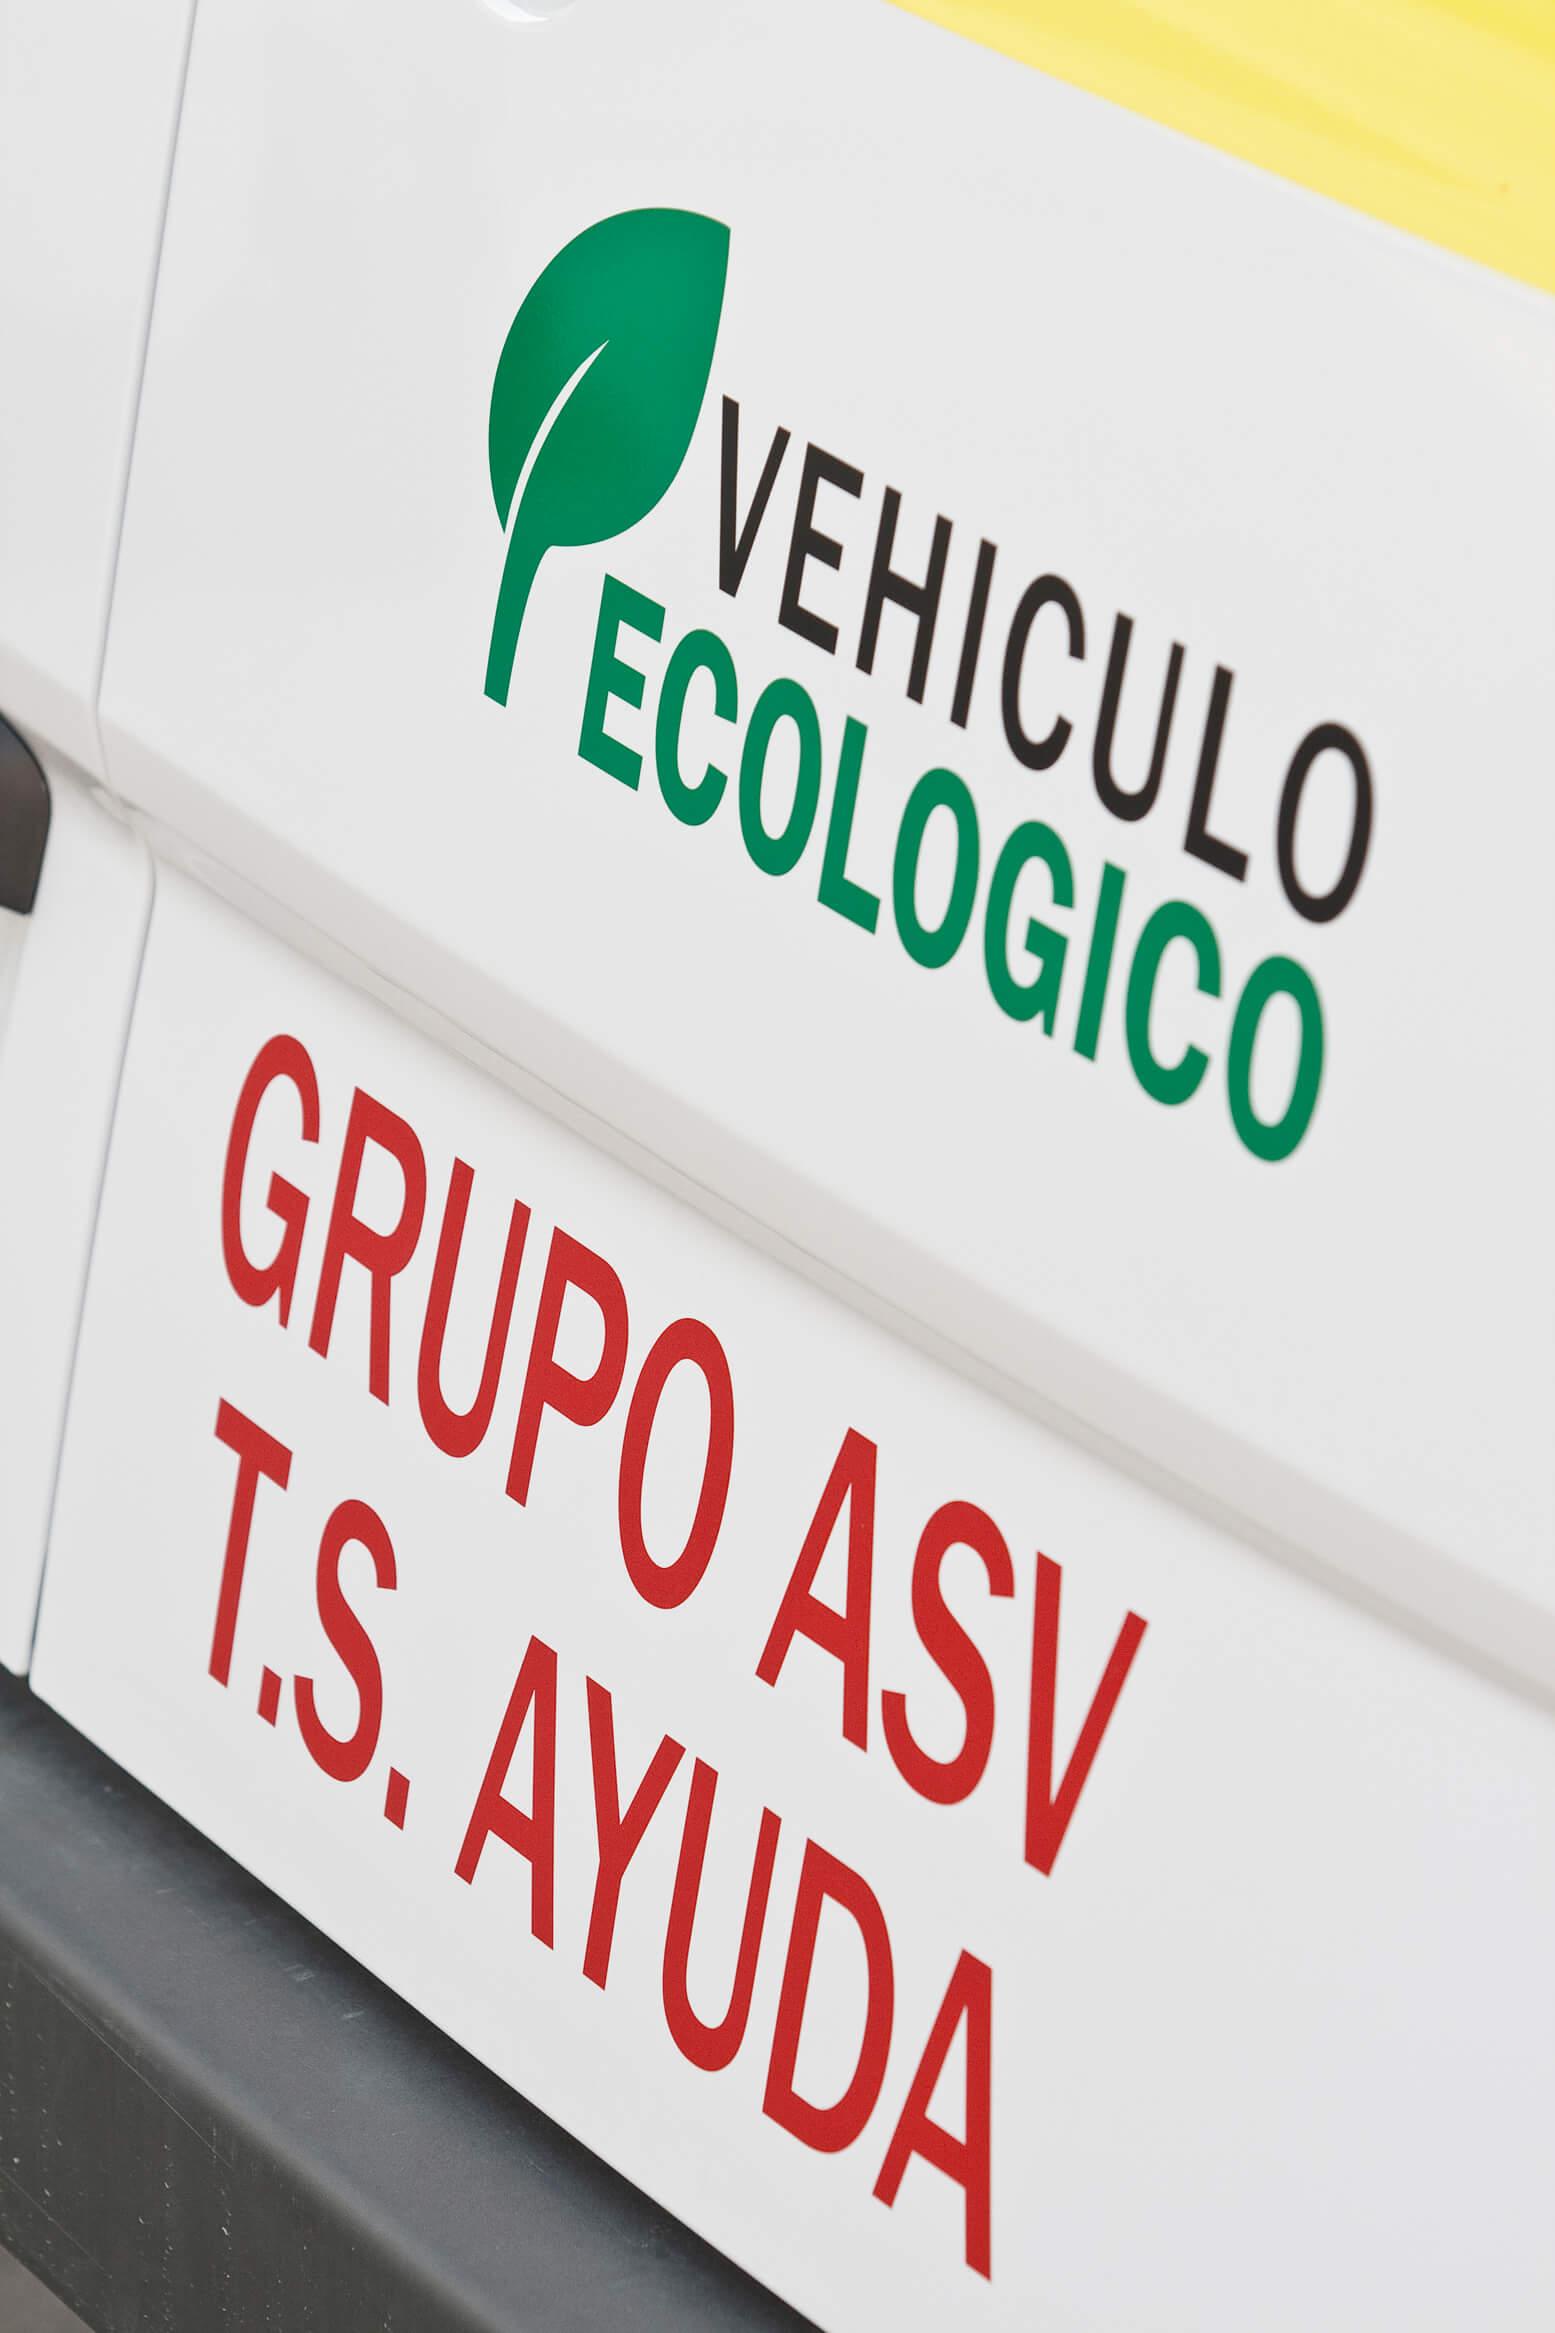 Continúa la apuesta por las ambulancias ecológicas